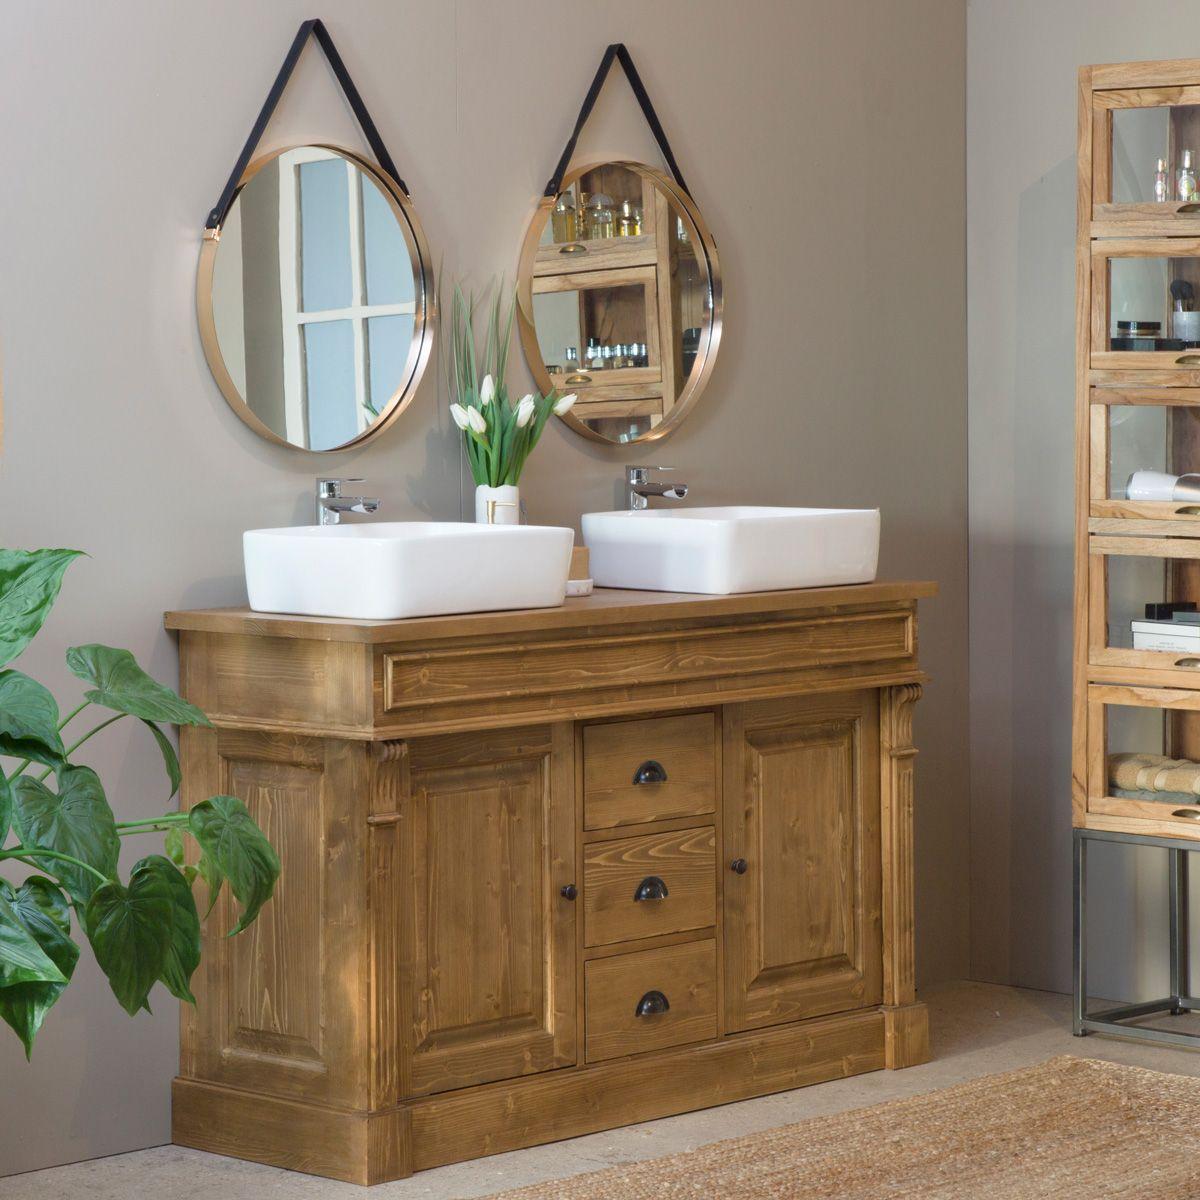 meuble salle de bain bois cire miel 2